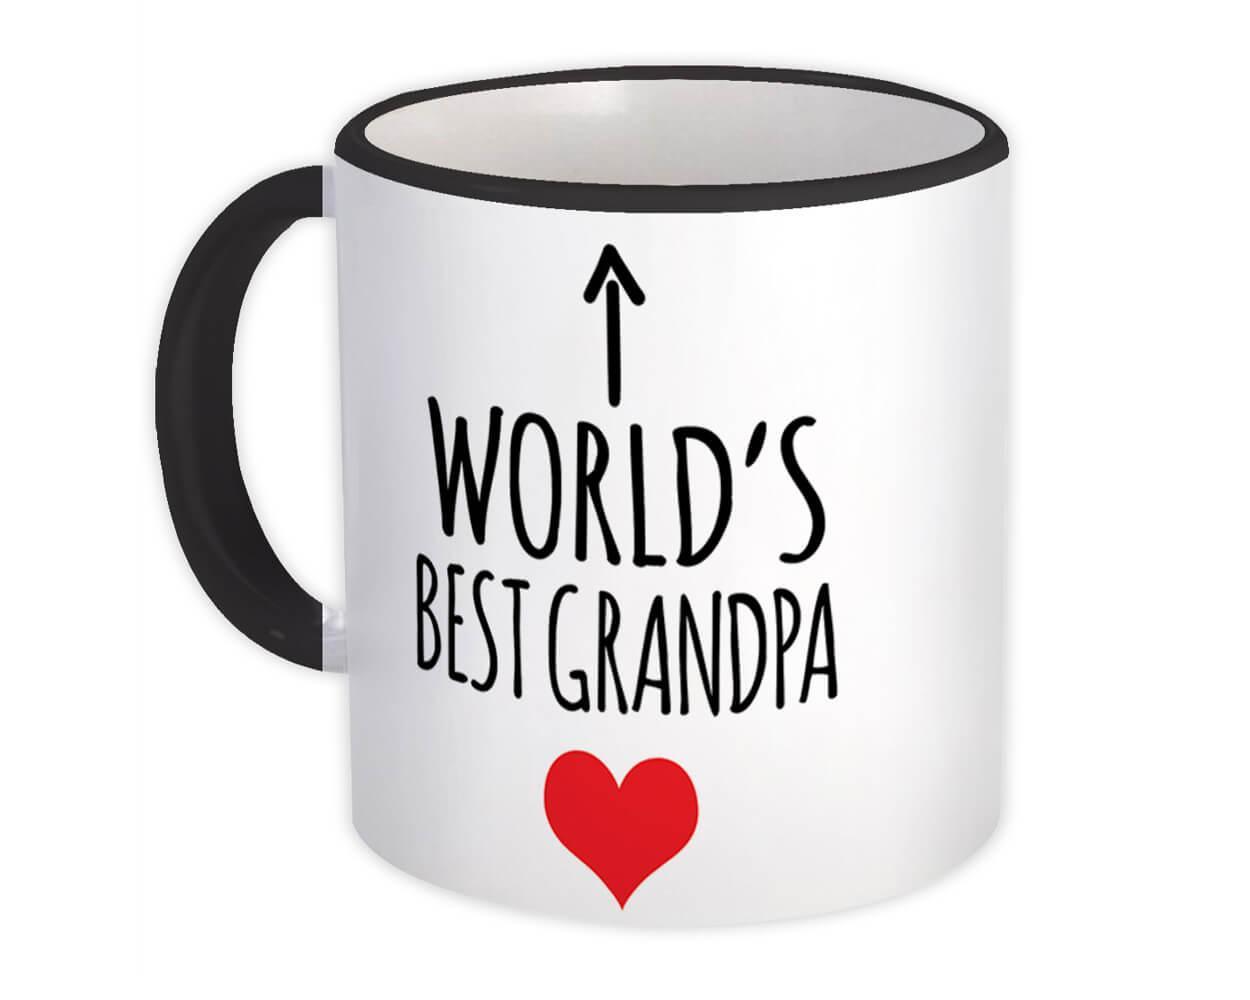 Worlds Best GRANDPA : Gift Mug Heart Love Family Work Christmas Birthday